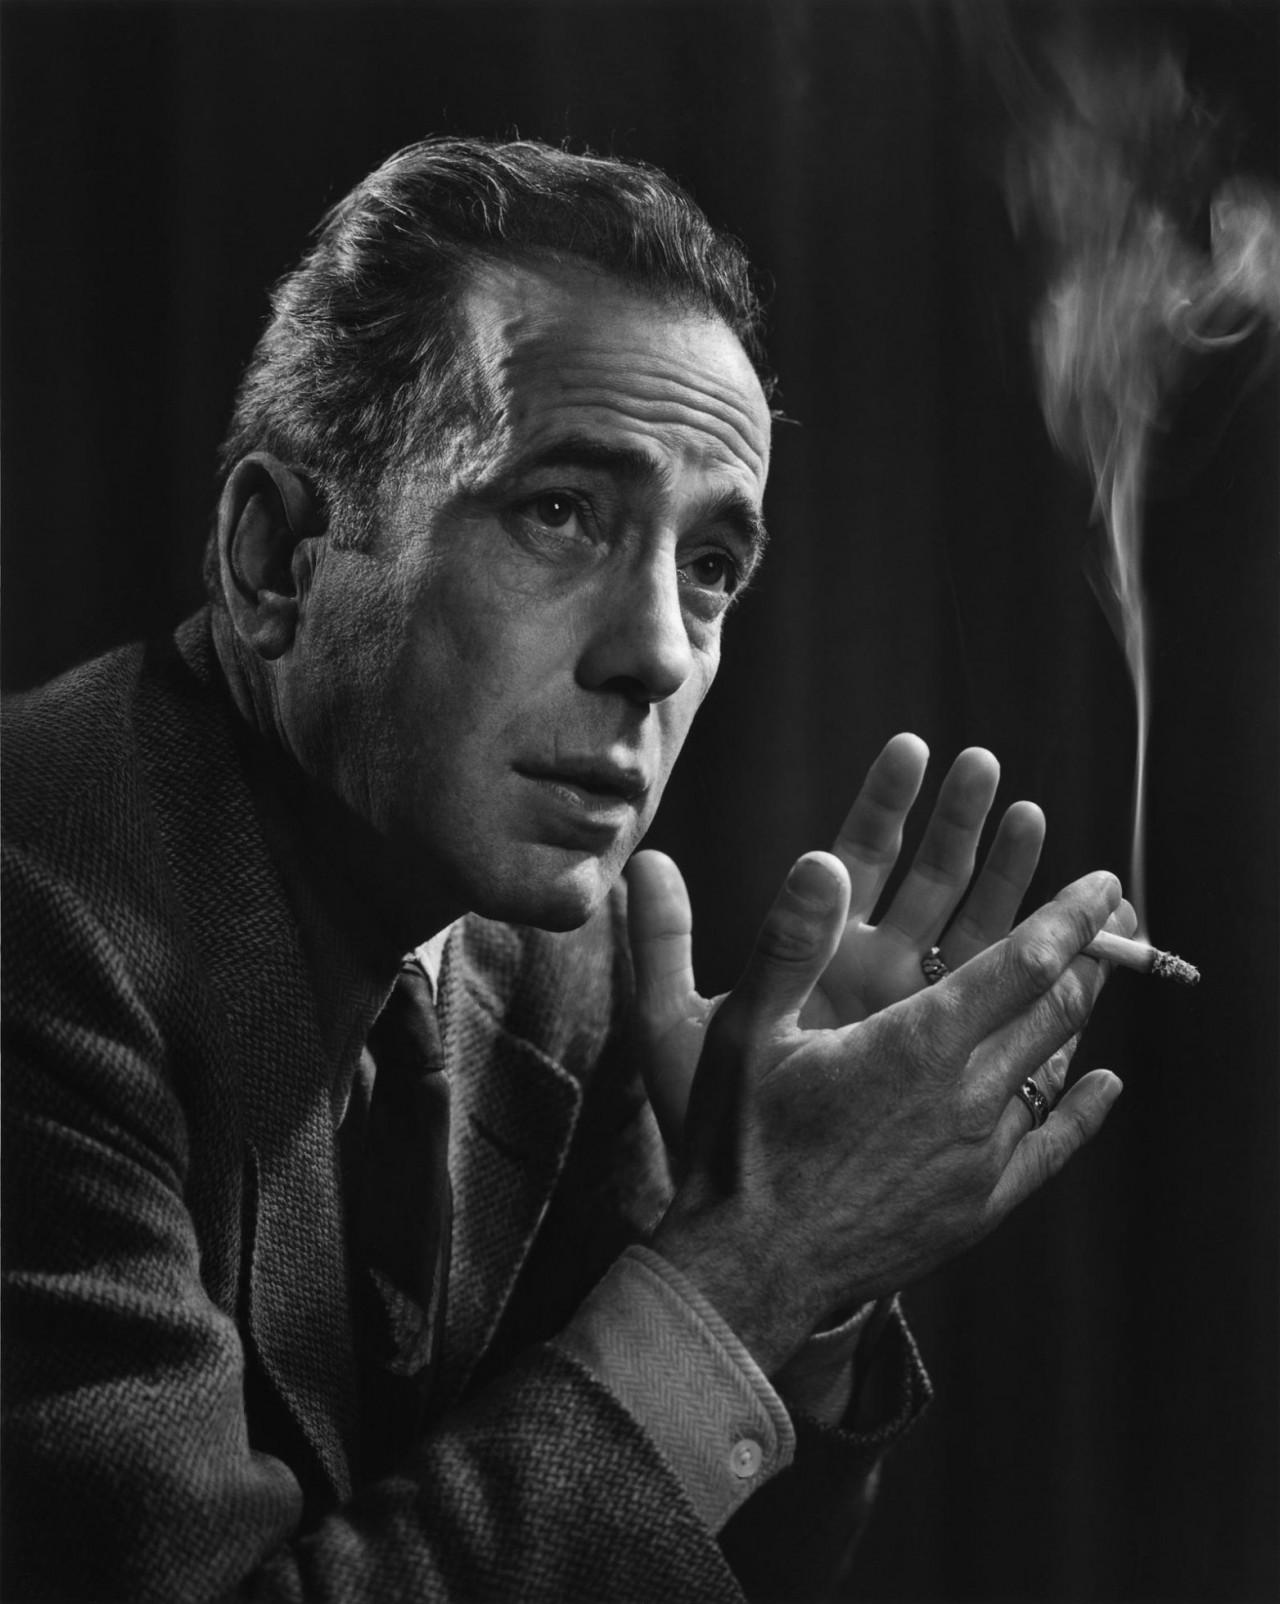 Хамфри Богарт, 1946. Автор Юсуф Карш